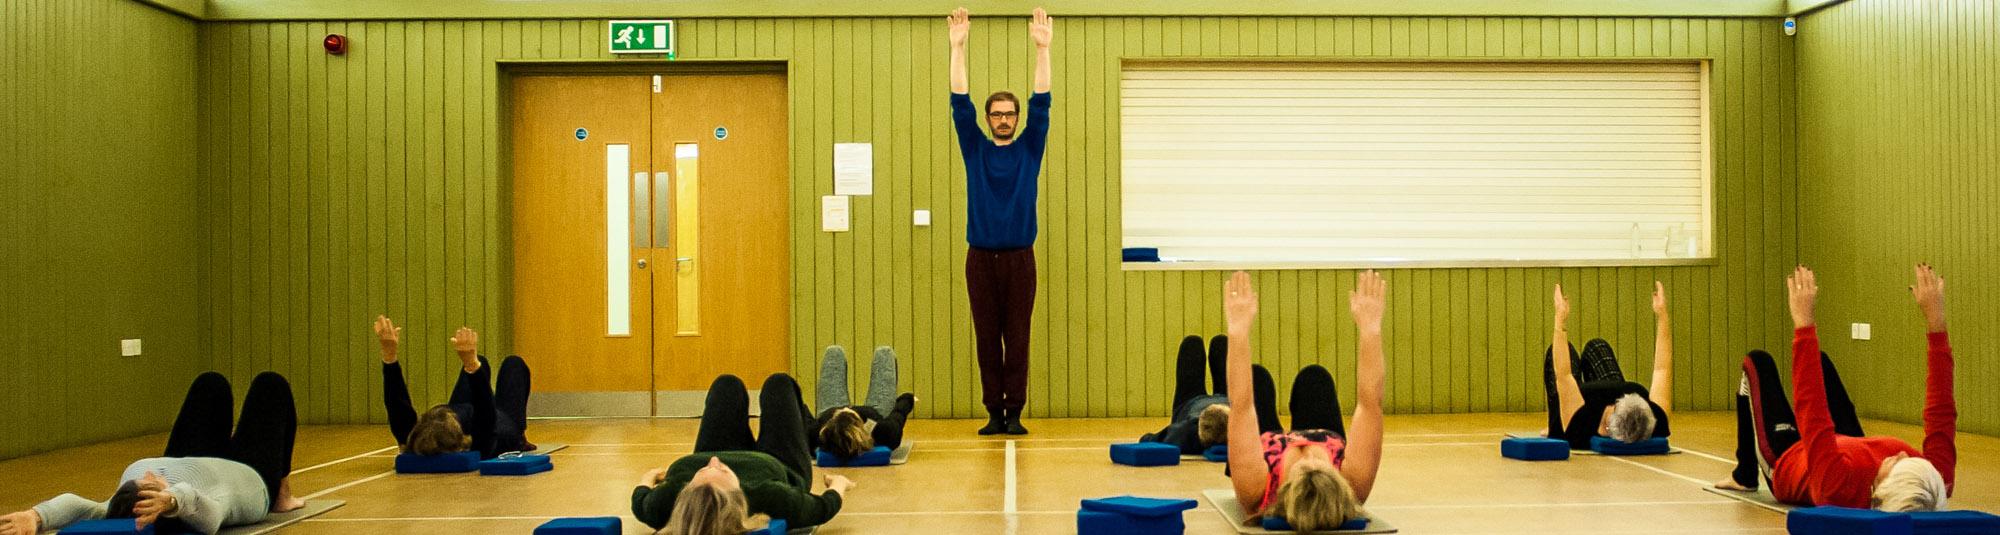 Julian Askham Pilates at Hickling Barn, Norfolk